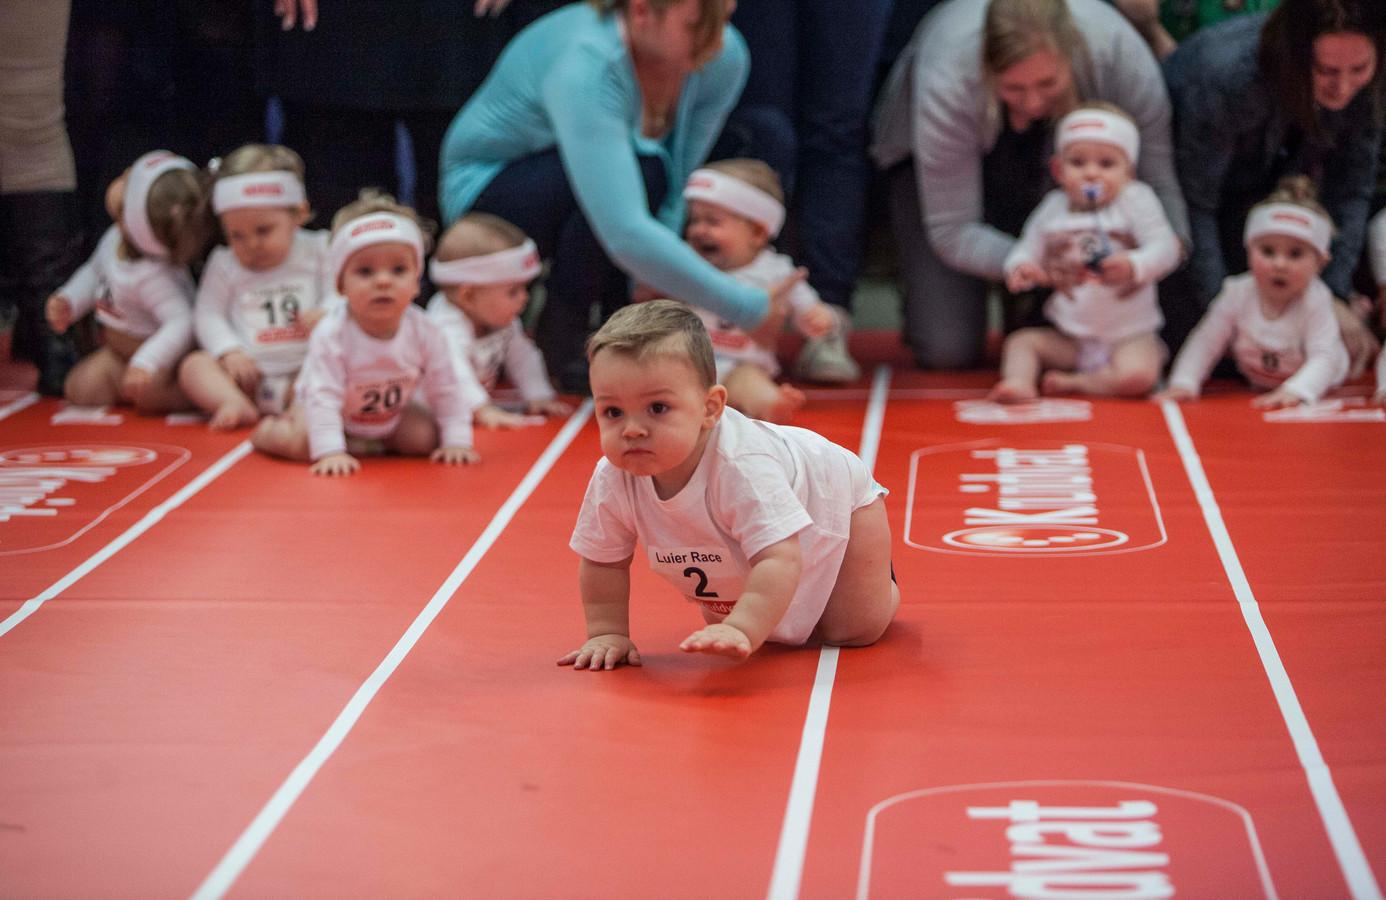 Luierrace op de negenmaandenbeurs voor baby 's en peuters gesponsord door het Kruidvat. Welke baby kruipt het snelst?